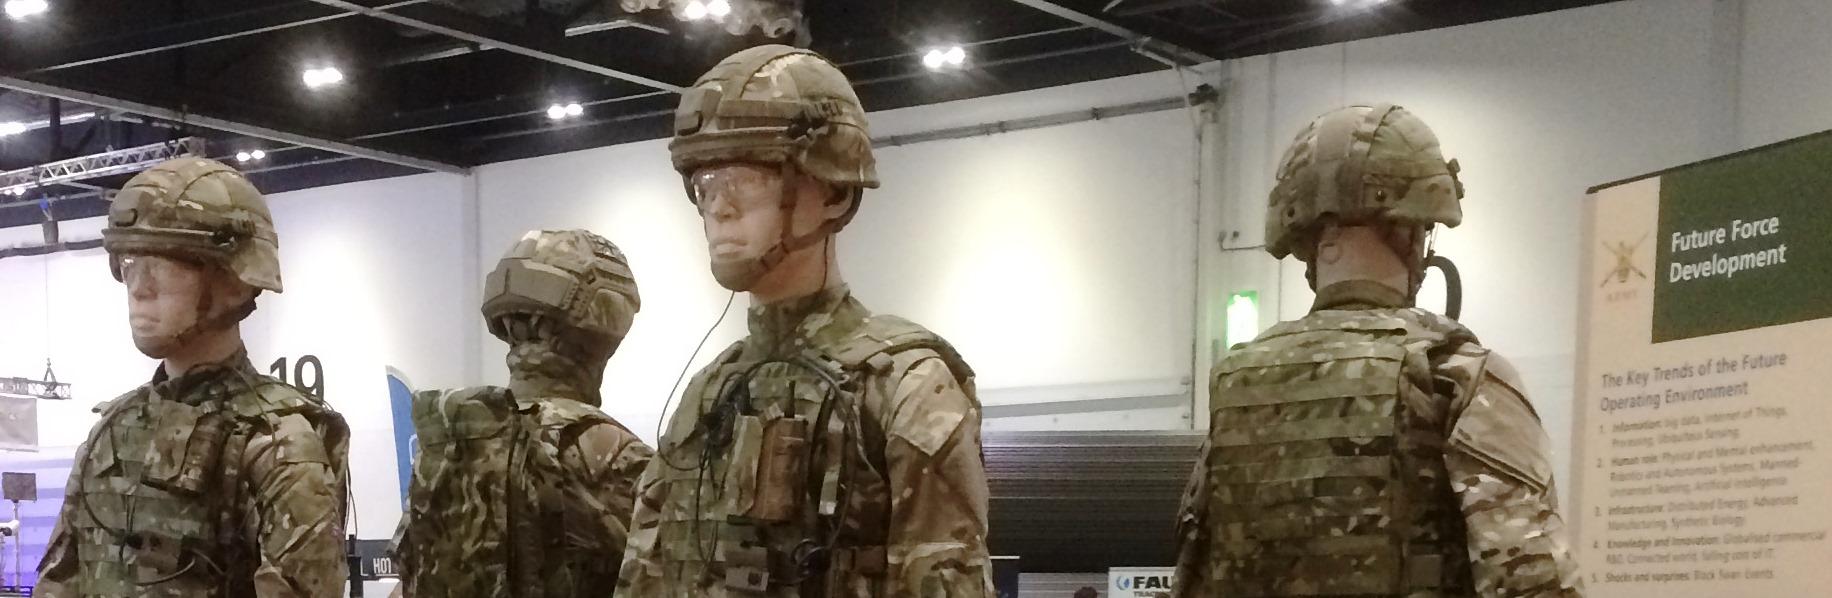 soldier dummies